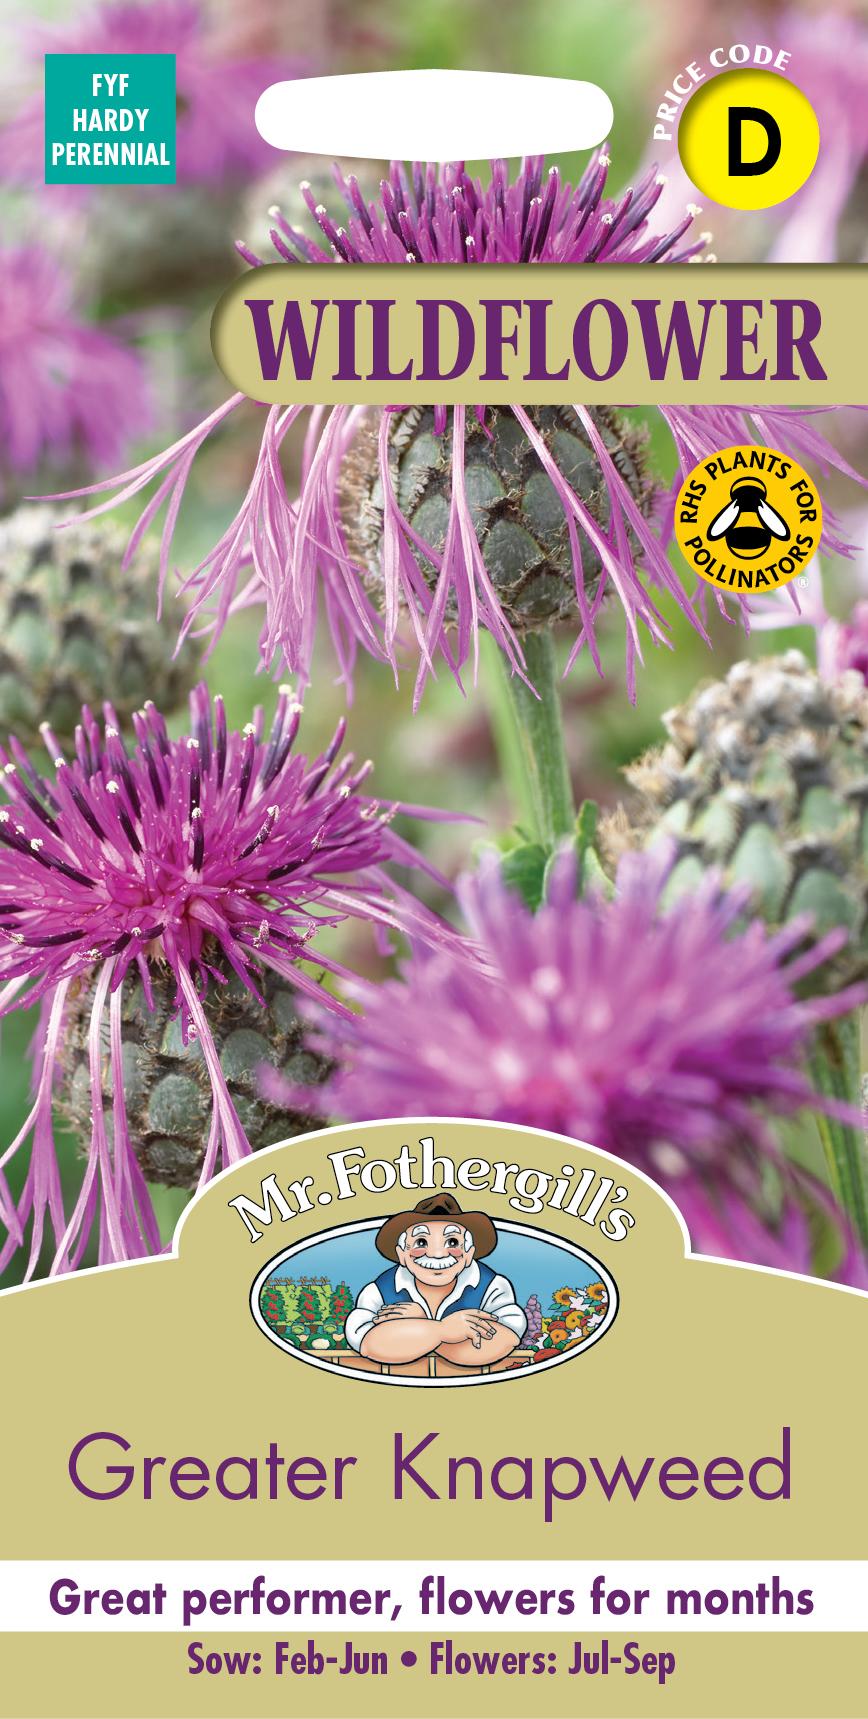 【輸入種子】Mr.Fothergill's SeedsWILDFLOWER GARDEN Greater Knapweed =Centaurea scabiosaワイルドフラワー・ガーデン グレイター・ナップウィード(ヤグルマギク)ミスター・フォザーギルズシード